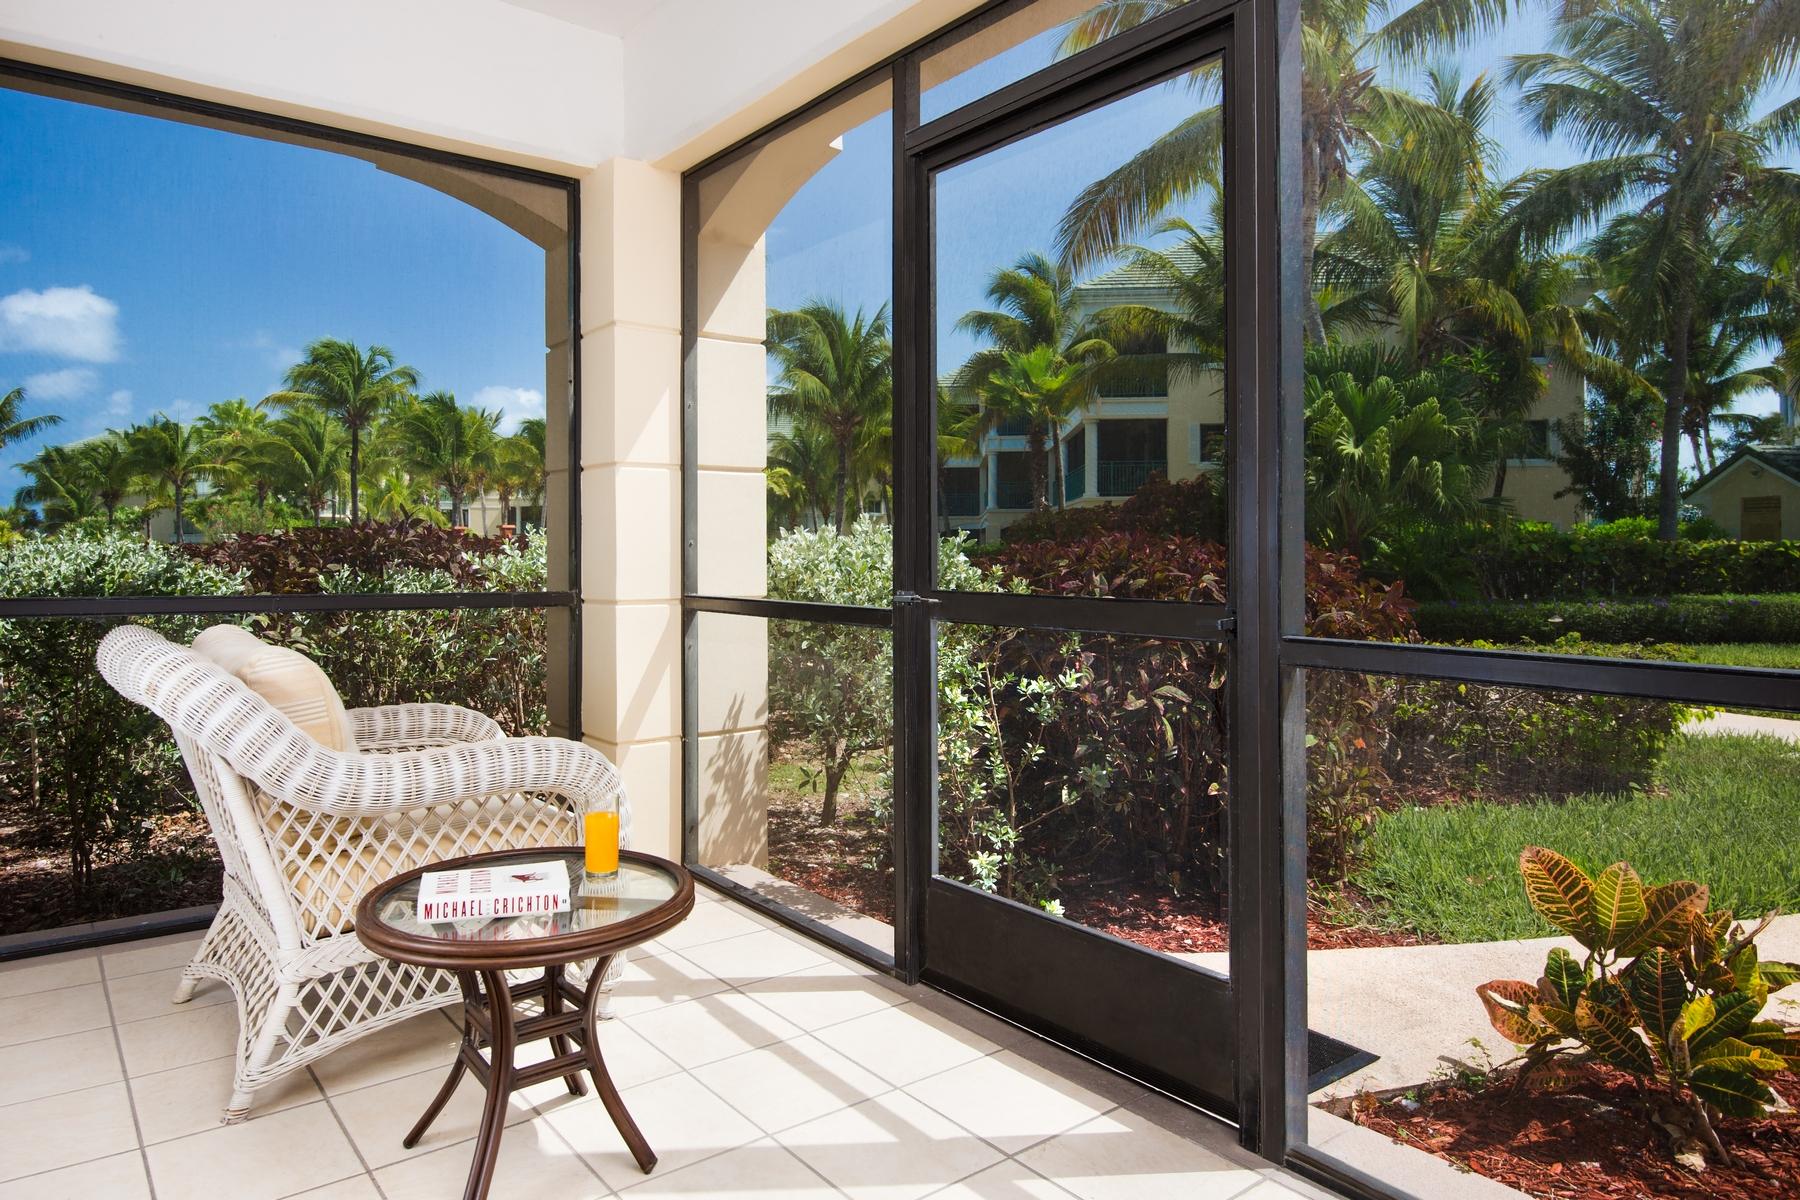 Eigentumswohnung für Verkauf beim The Sands at Grace Bay - Suite 5104 The Sands On Grace Bay, Grace Bay, Providenciales Turks- Und Caicosinseln